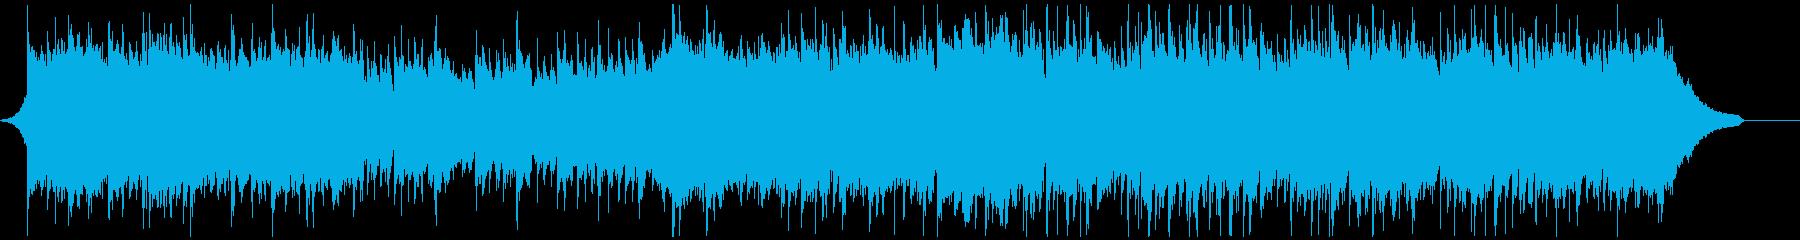 不思議な雰囲気の民族音楽風BGMの再生済みの波形